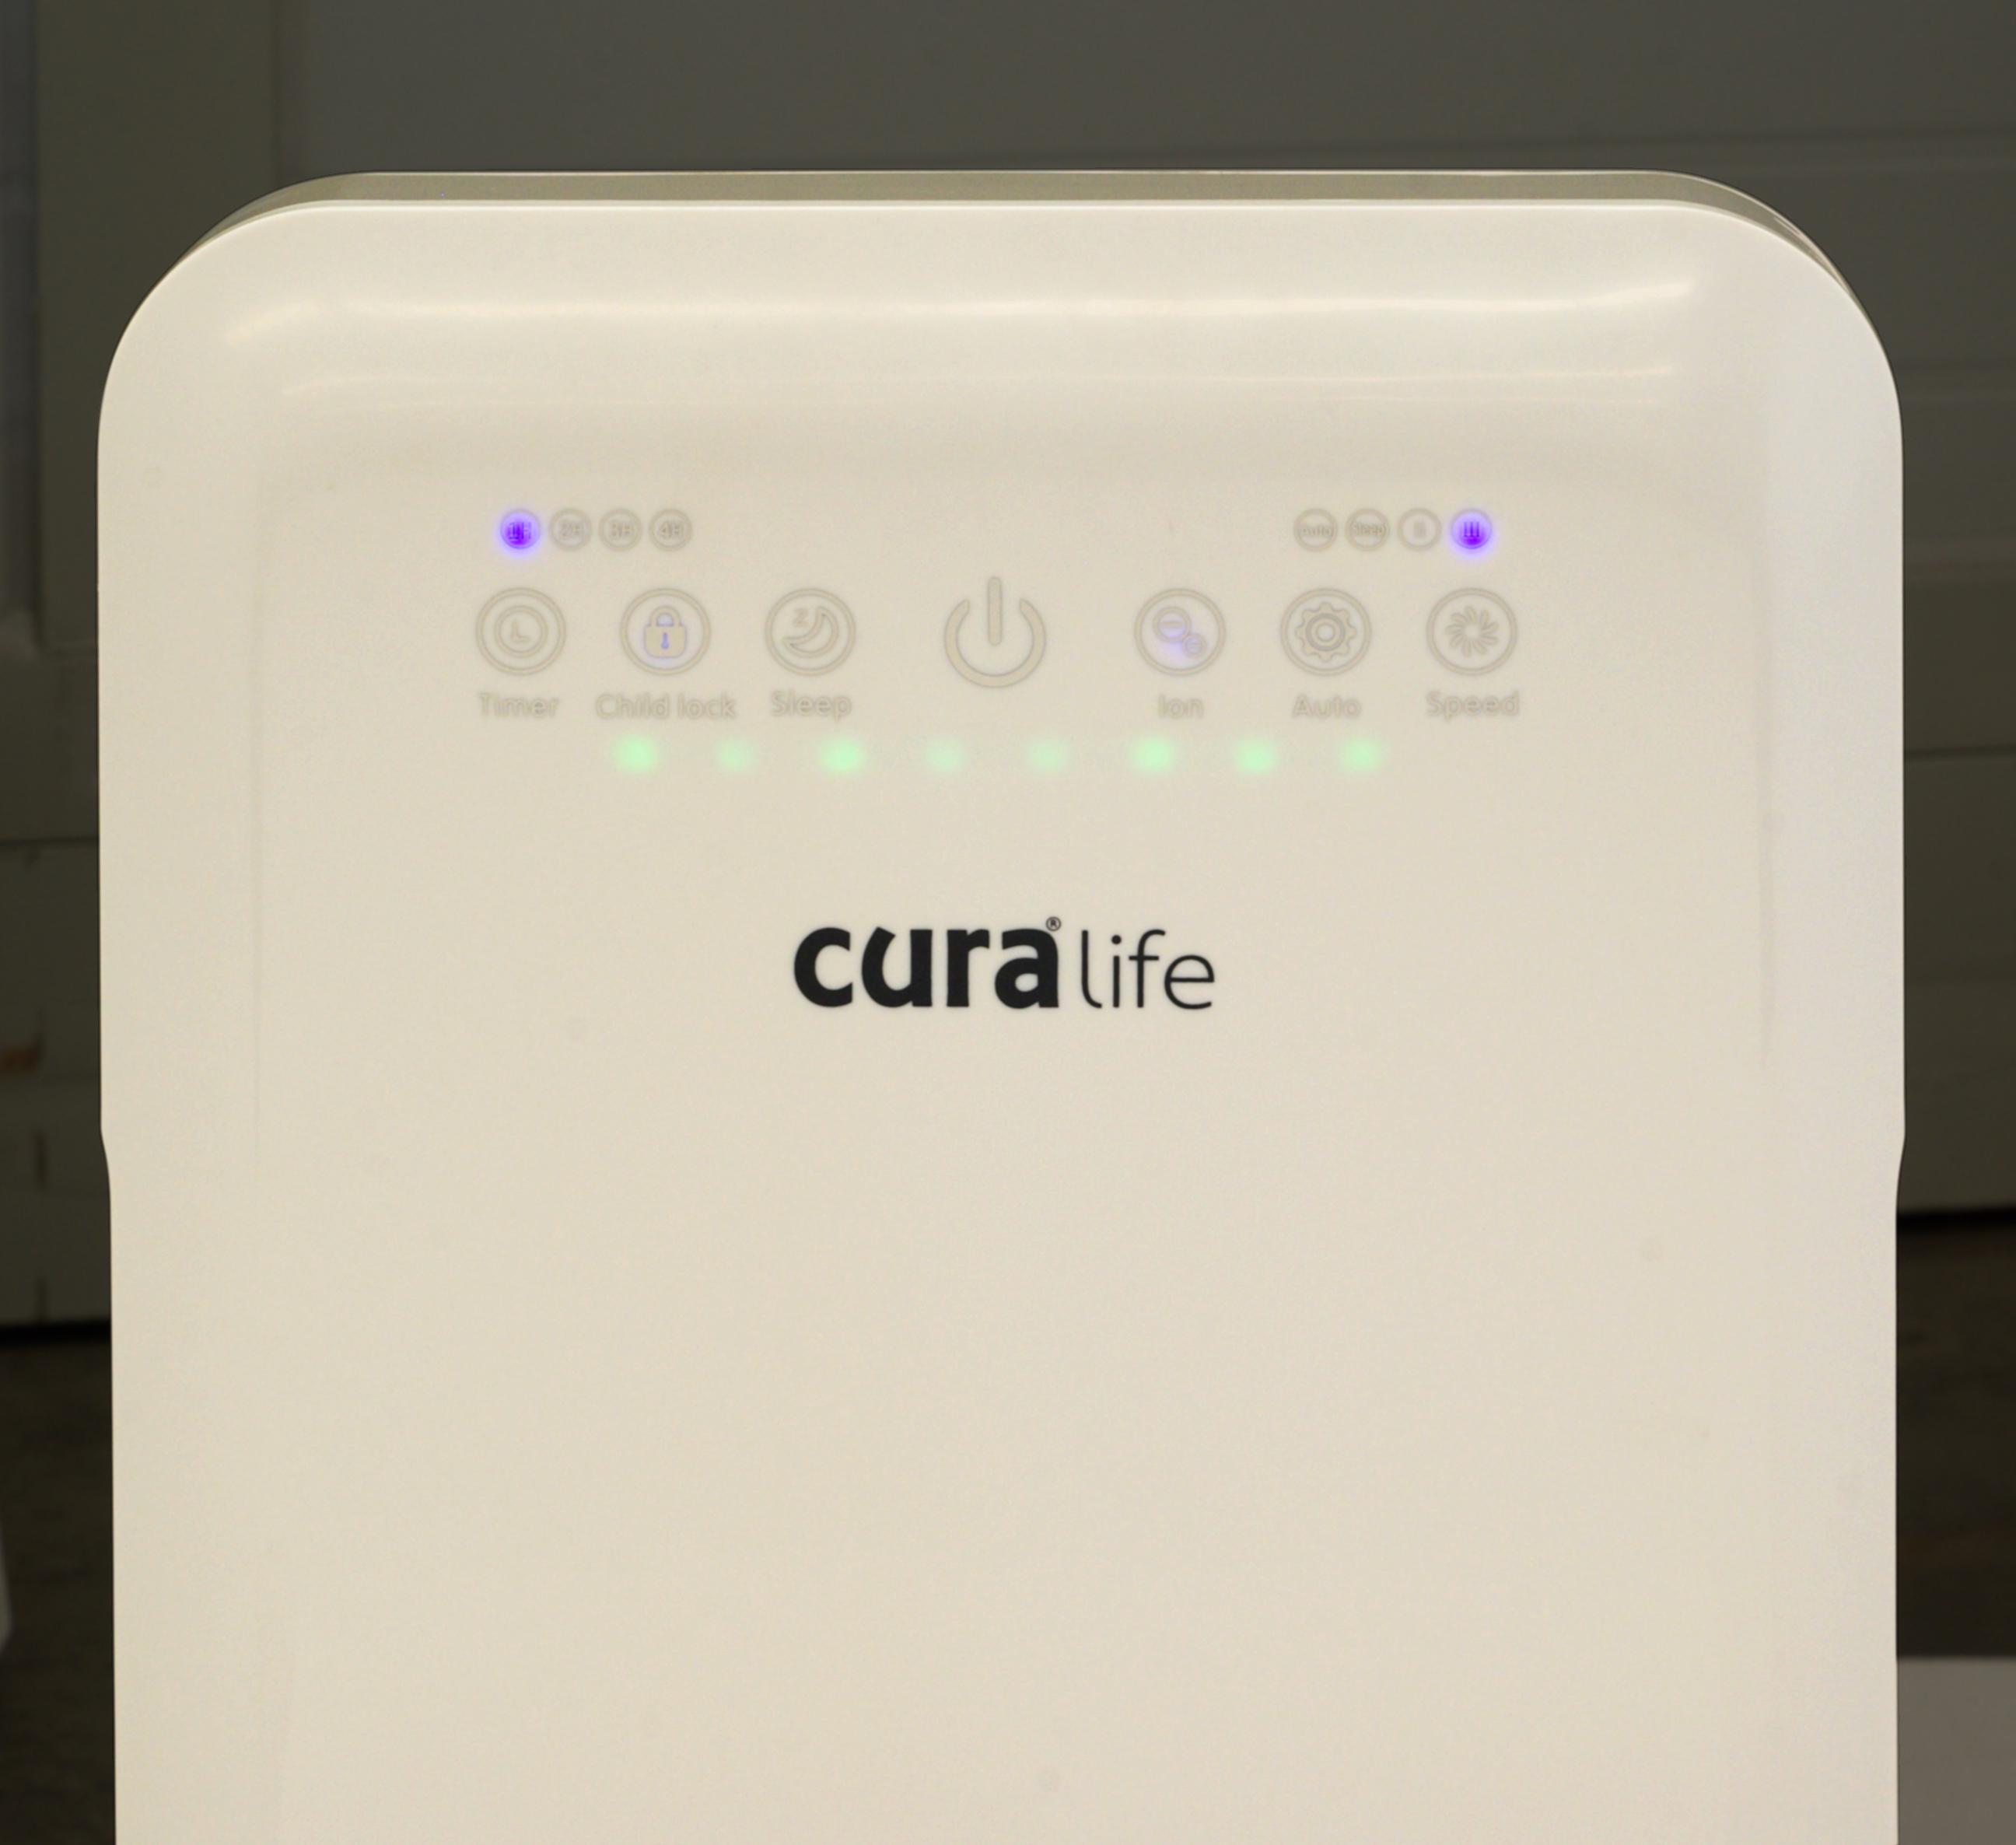 ปุ่มควบคุม และหน้าปัดไฟบอกสถานะการทำงานของเครื่องฟอกอากาศ CURA LIFE รุ่น M1 ที่สามารถดักจับฝุ่นละเอียดระดับ PM 2.5 ได้มากกว่า 99%